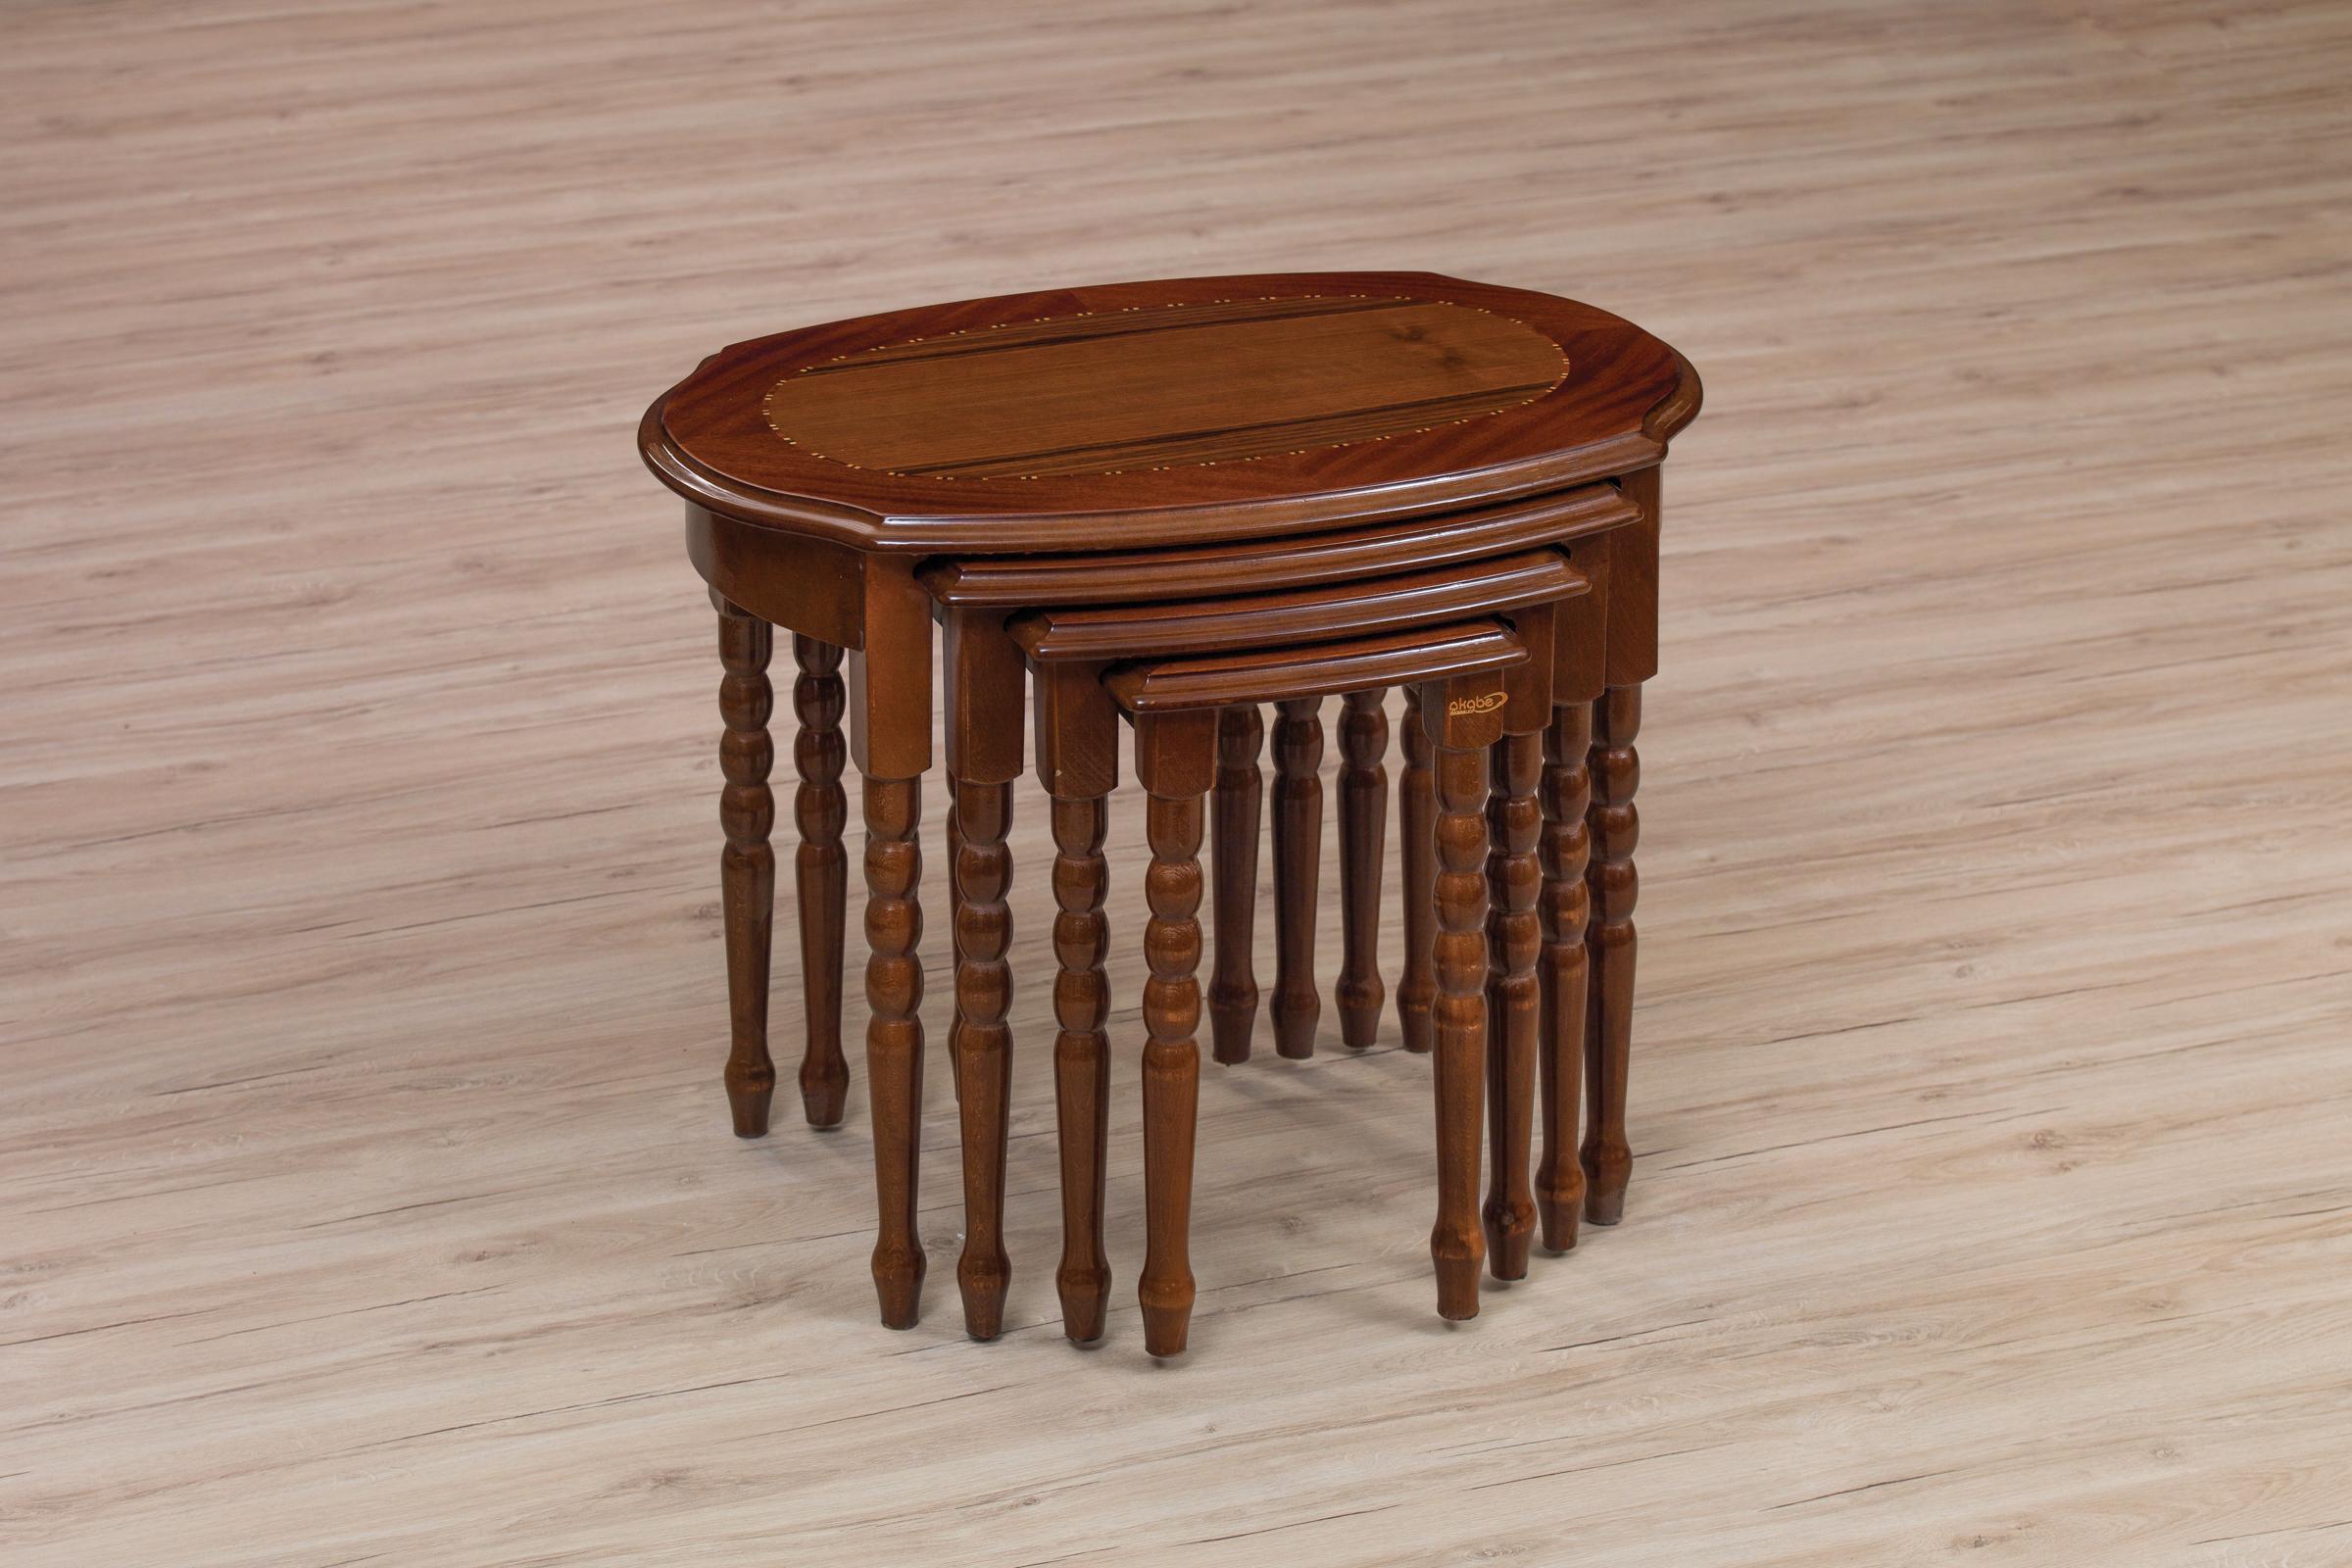 111 COFFE TABLE SET 4 PART